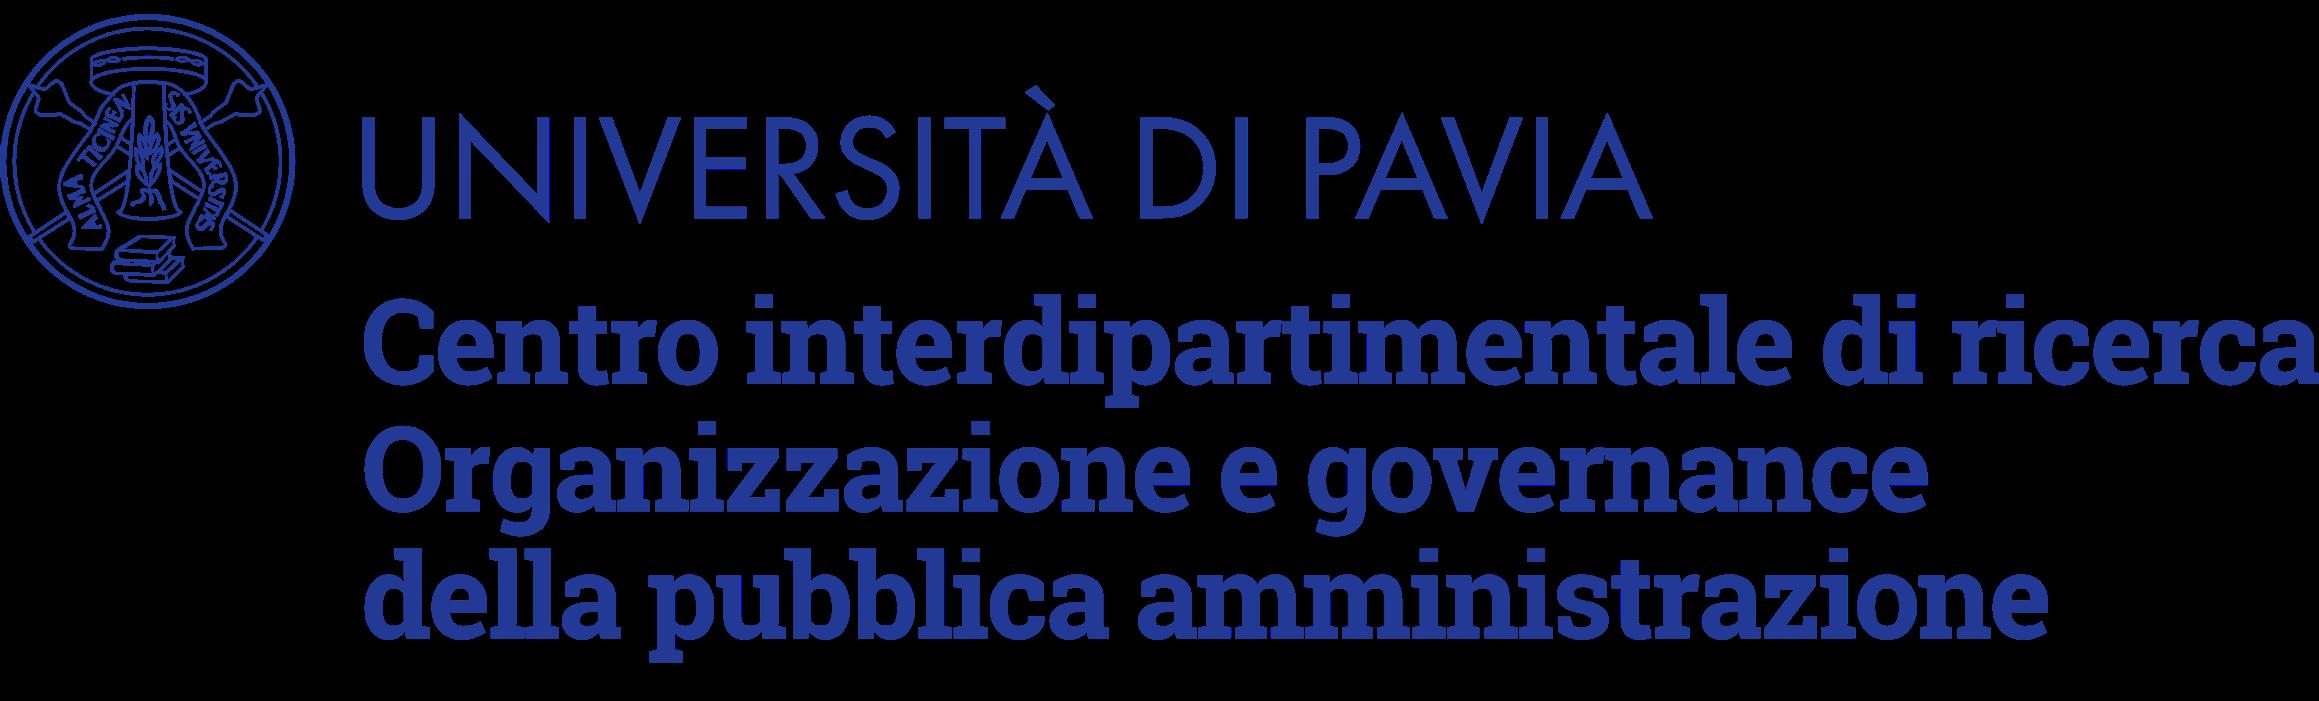 Centro interdipartimentale di ricerca - Organizzazione e governance della pubblica amministrazione